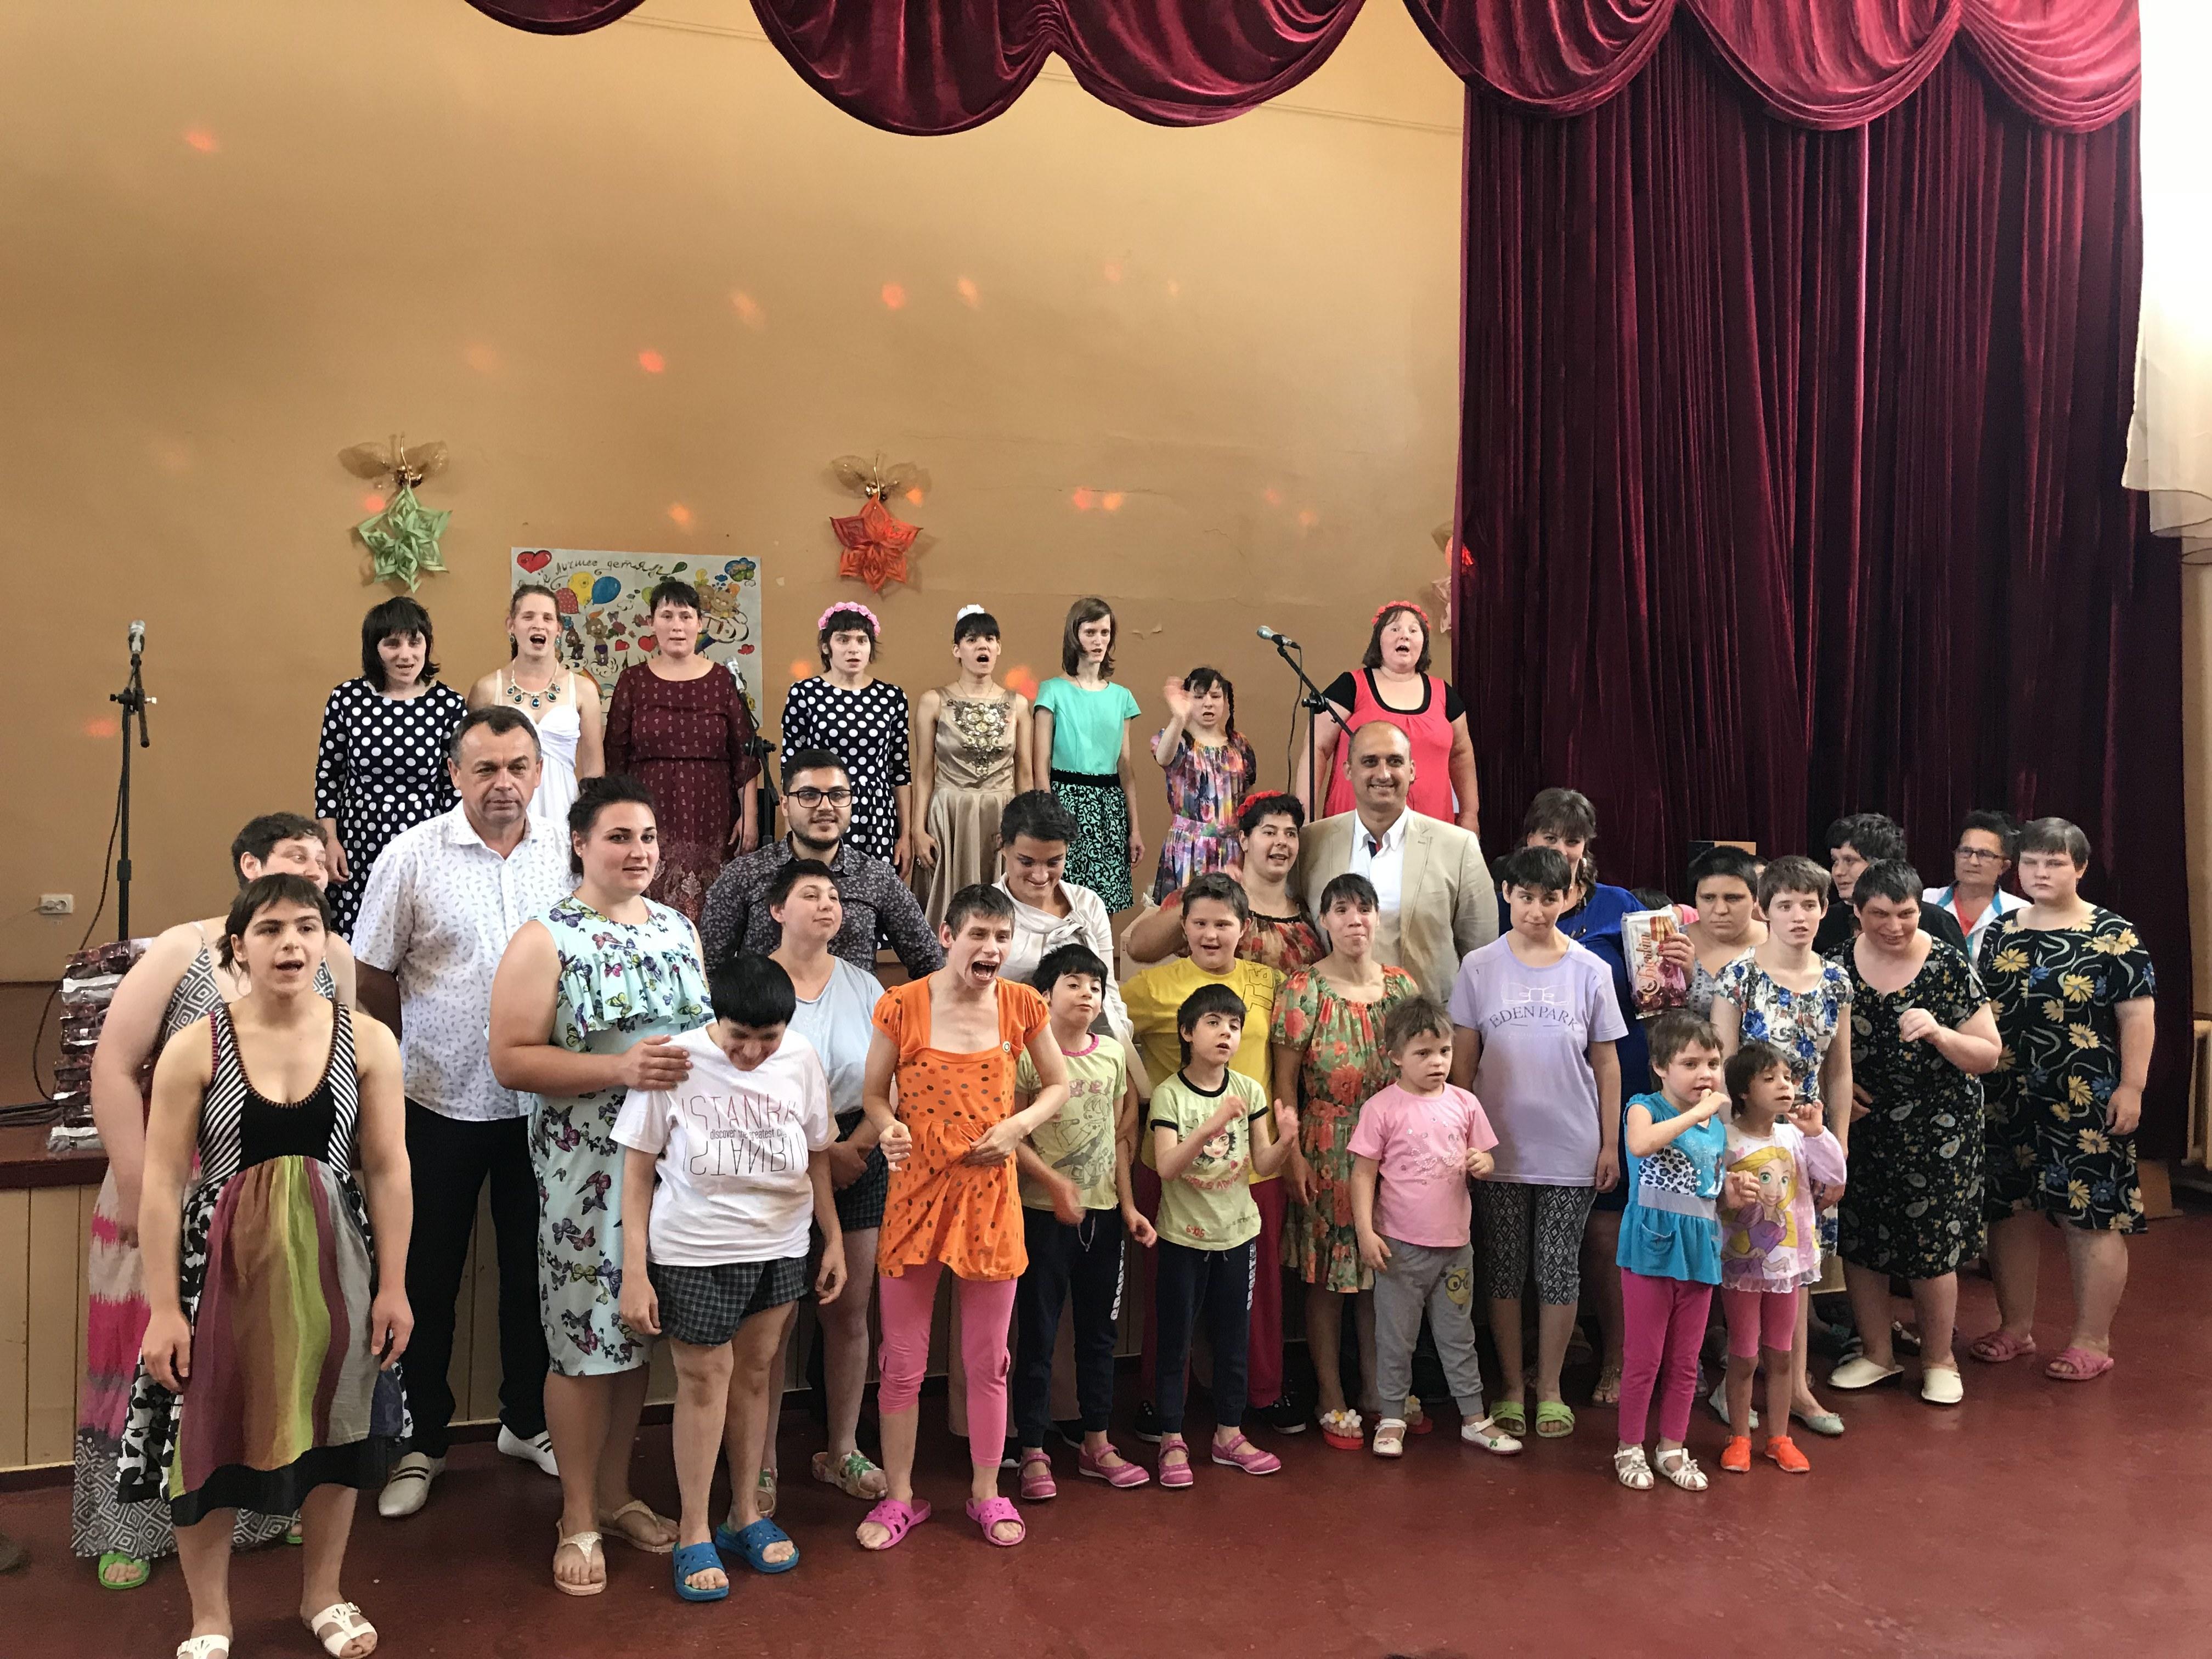 УК Суворовский поздравил воспитанниц детского дома-интернат с праздником